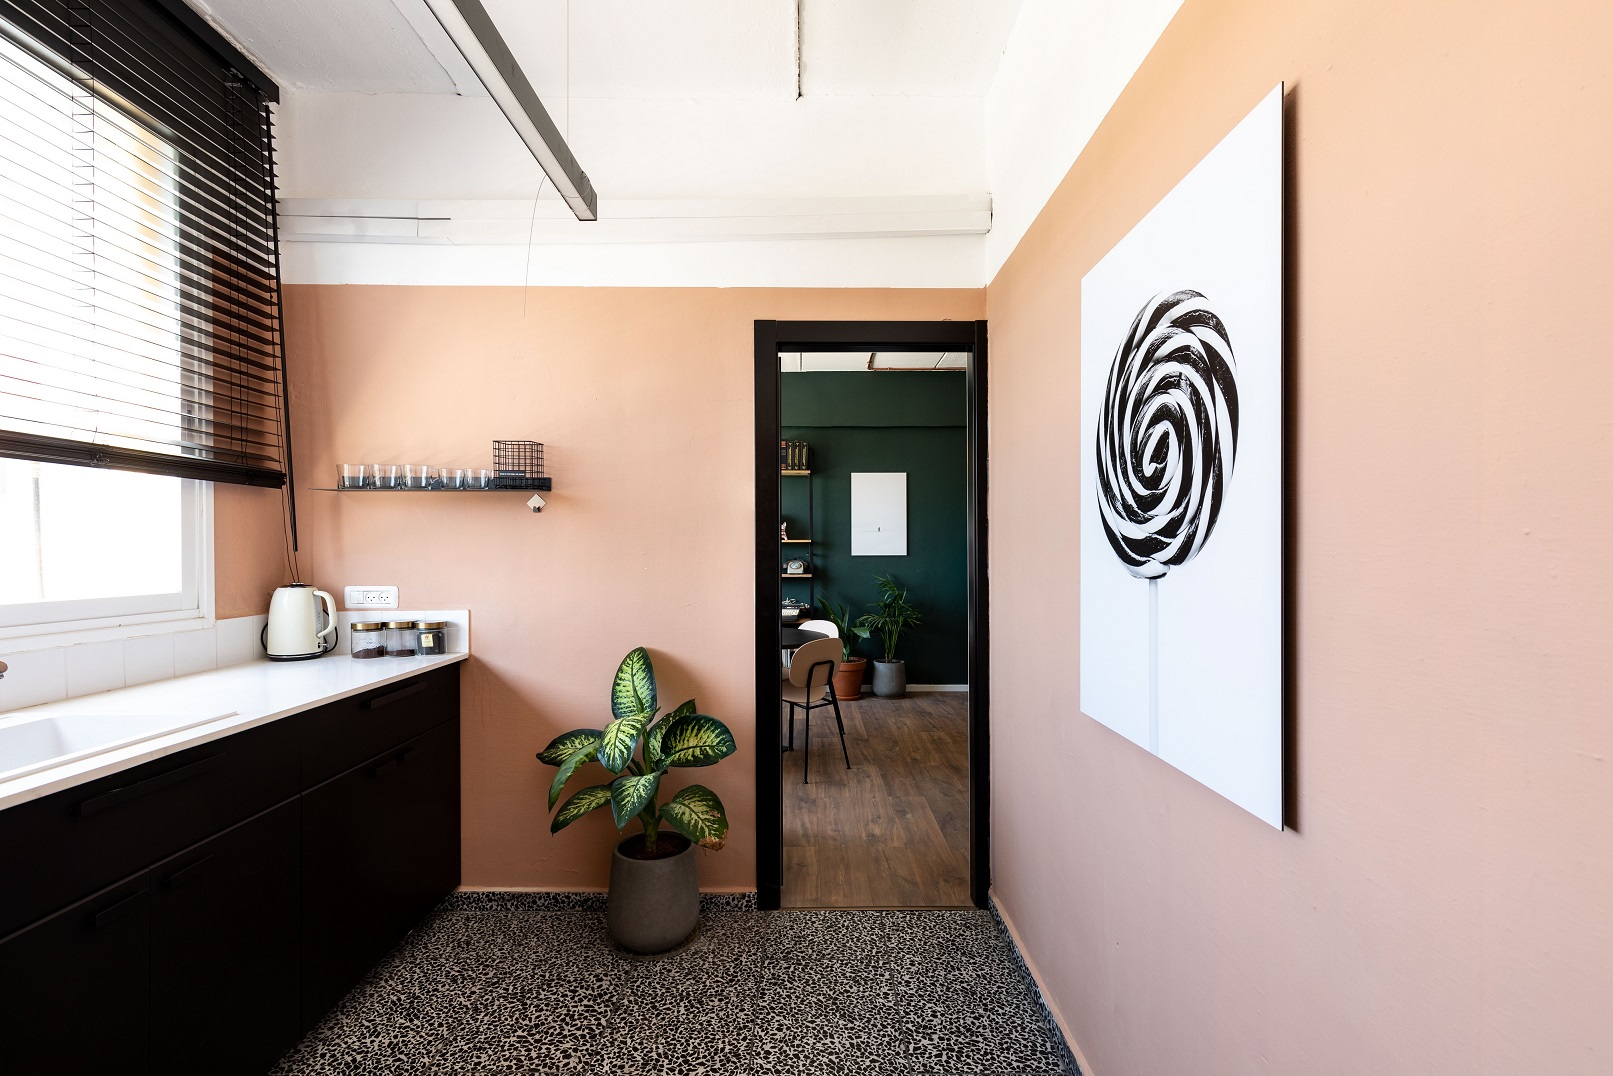 צבעוניות רכה ועדכנית, צבע של נירלט, עיצוב סטודיו סיסטרז, צילום: אורית ארנון